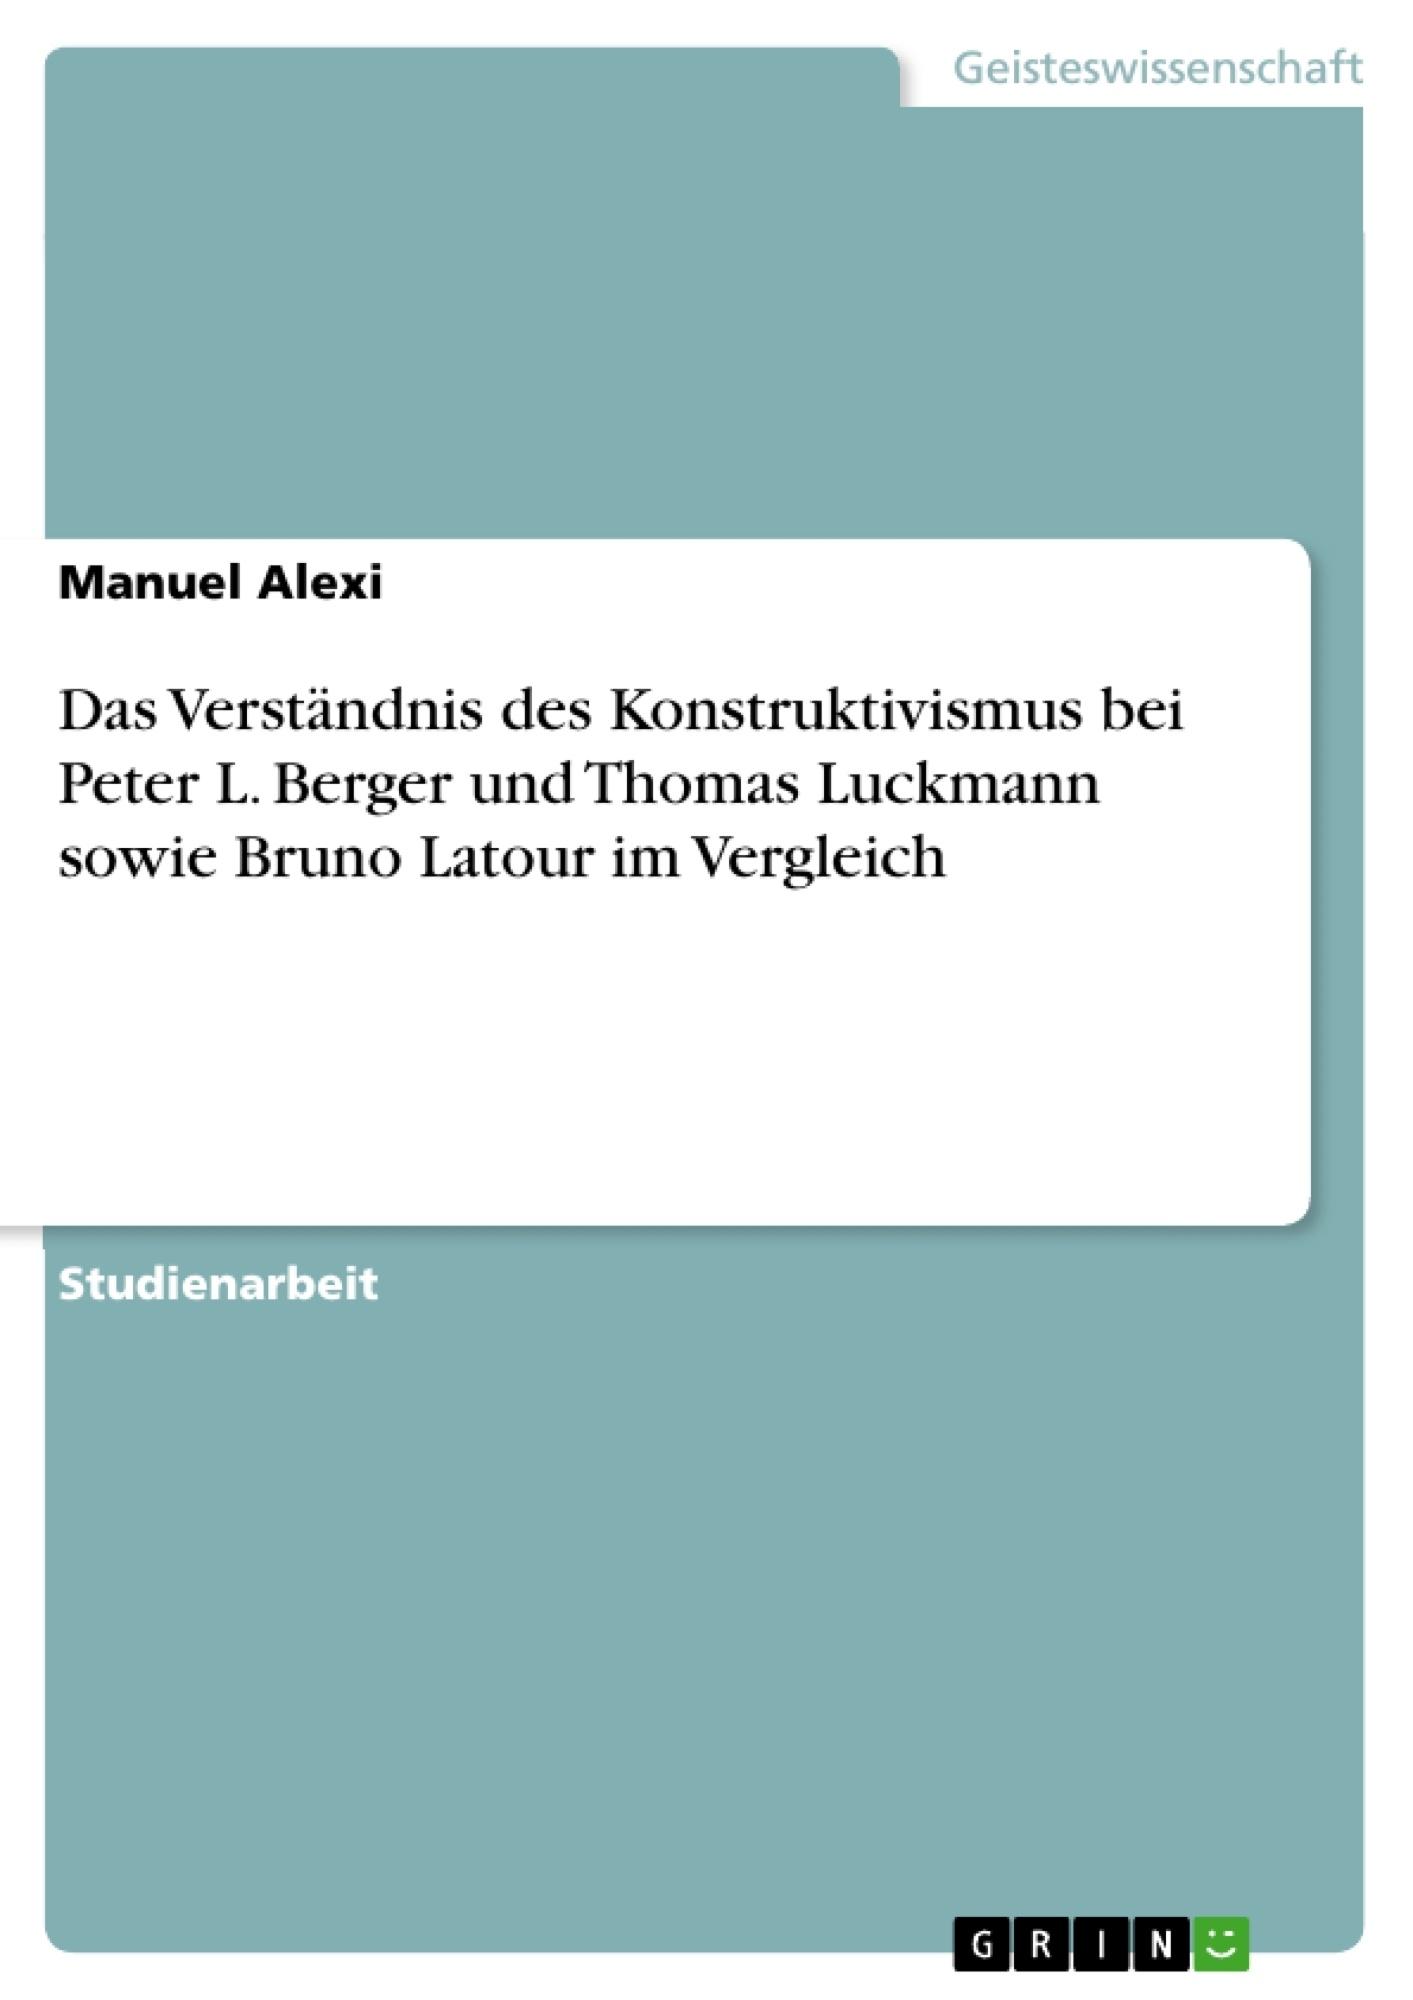 Titel: Das Verständnis des Konstruktivismus bei Peter L. Berger und Thomas Luckmann sowie Bruno Latour im Vergleich